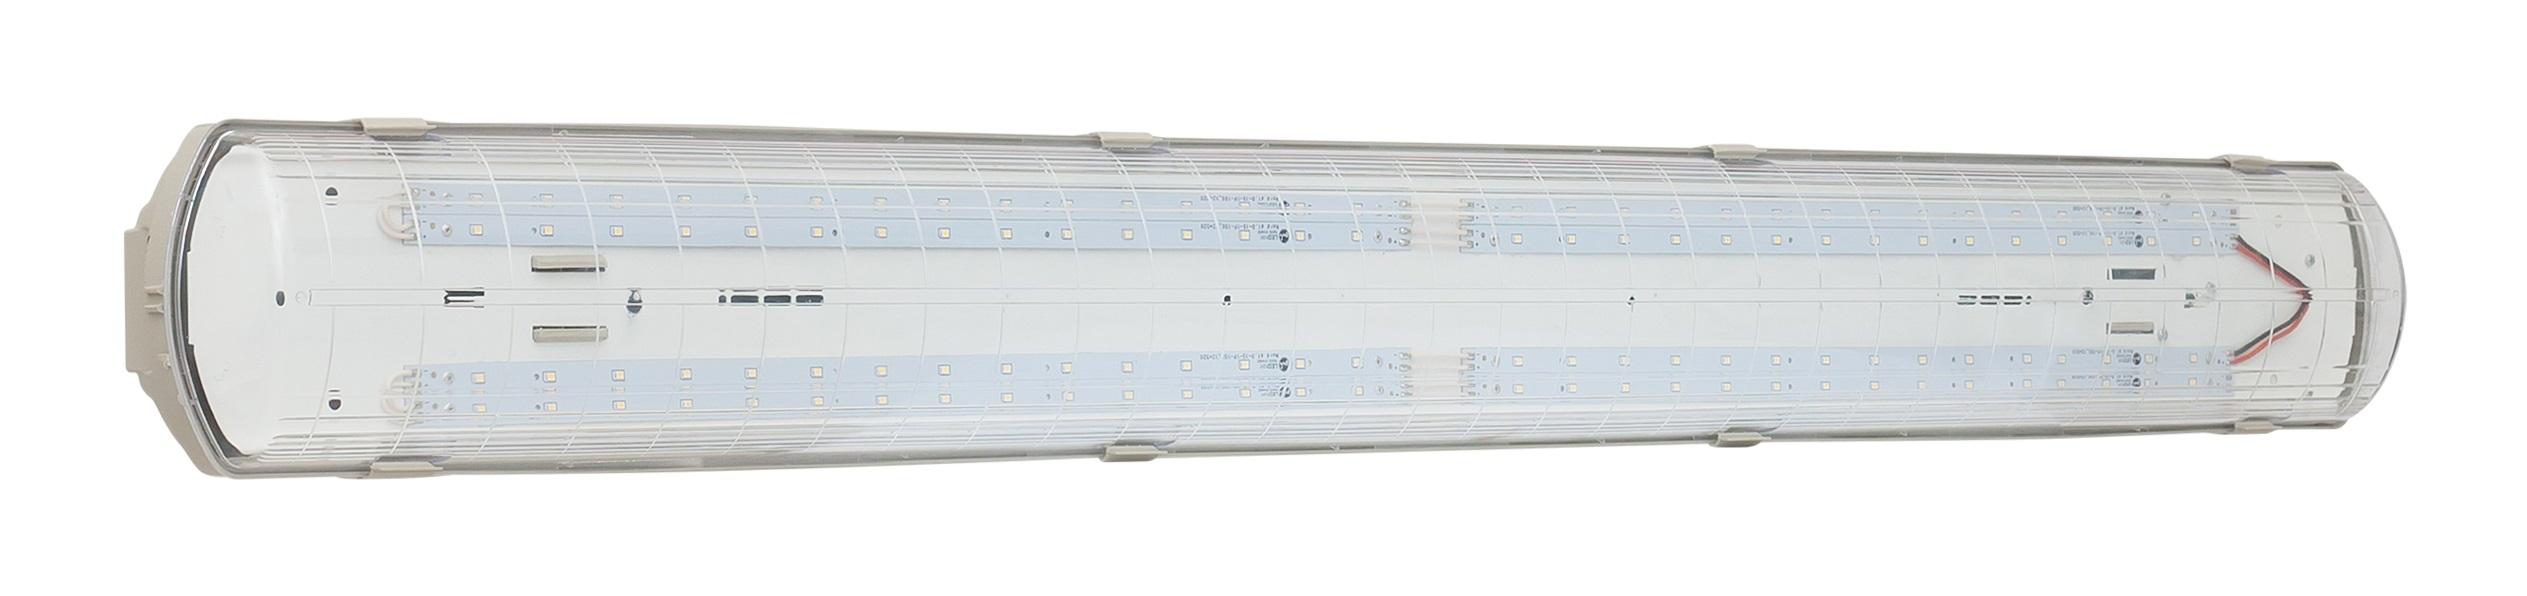 Промышленный светодиодный светильник LedNik ПСО 24 (1280мм) IP 65